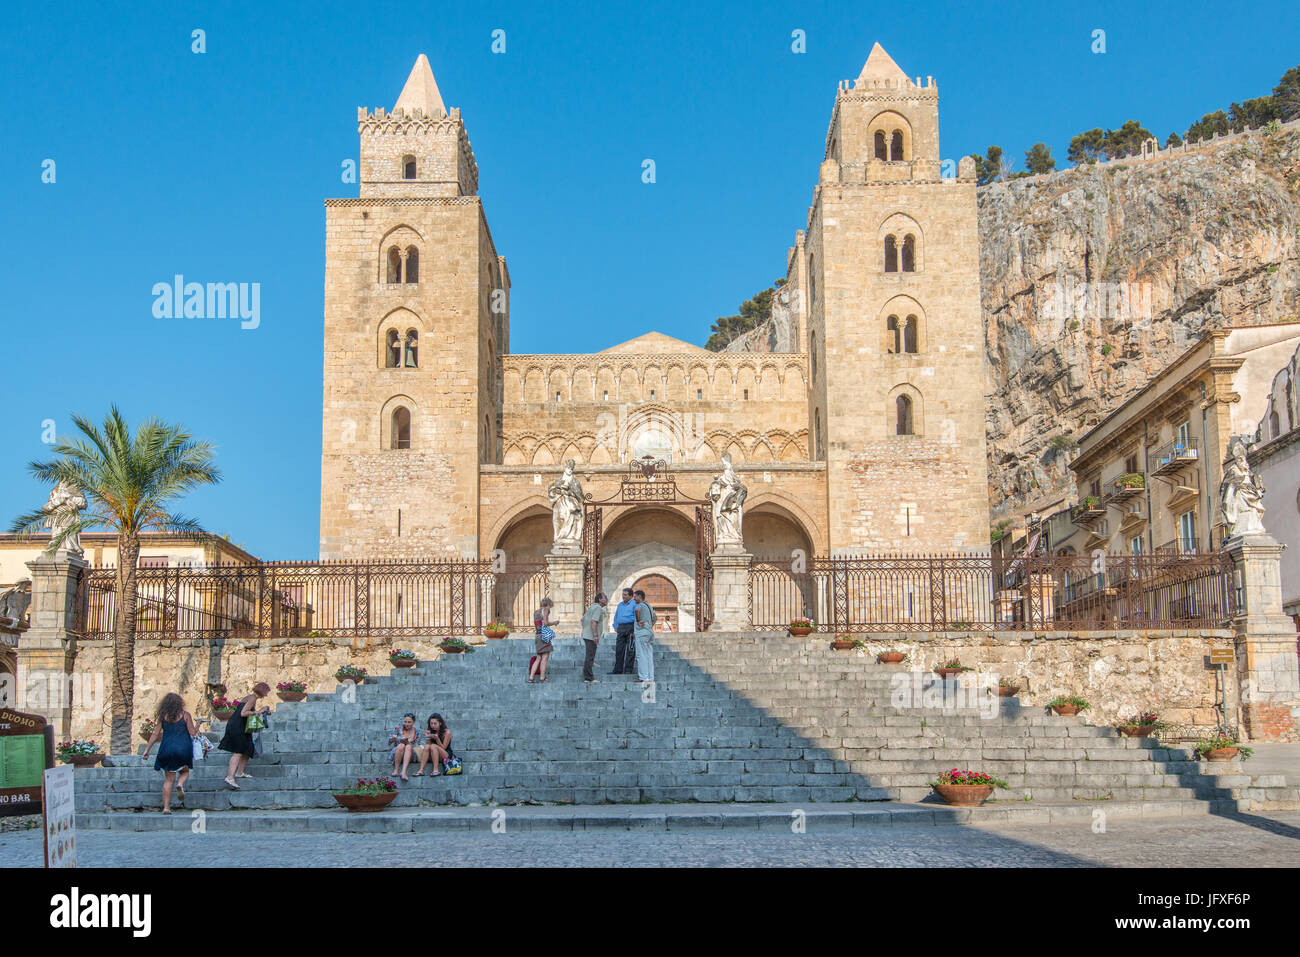 Die Kathedrale in Cefalù, Sizilien. Der Bau begann im Jahr 1131 und die Kathedrale ist ein Unseco Weltkulturerbe Stockbild